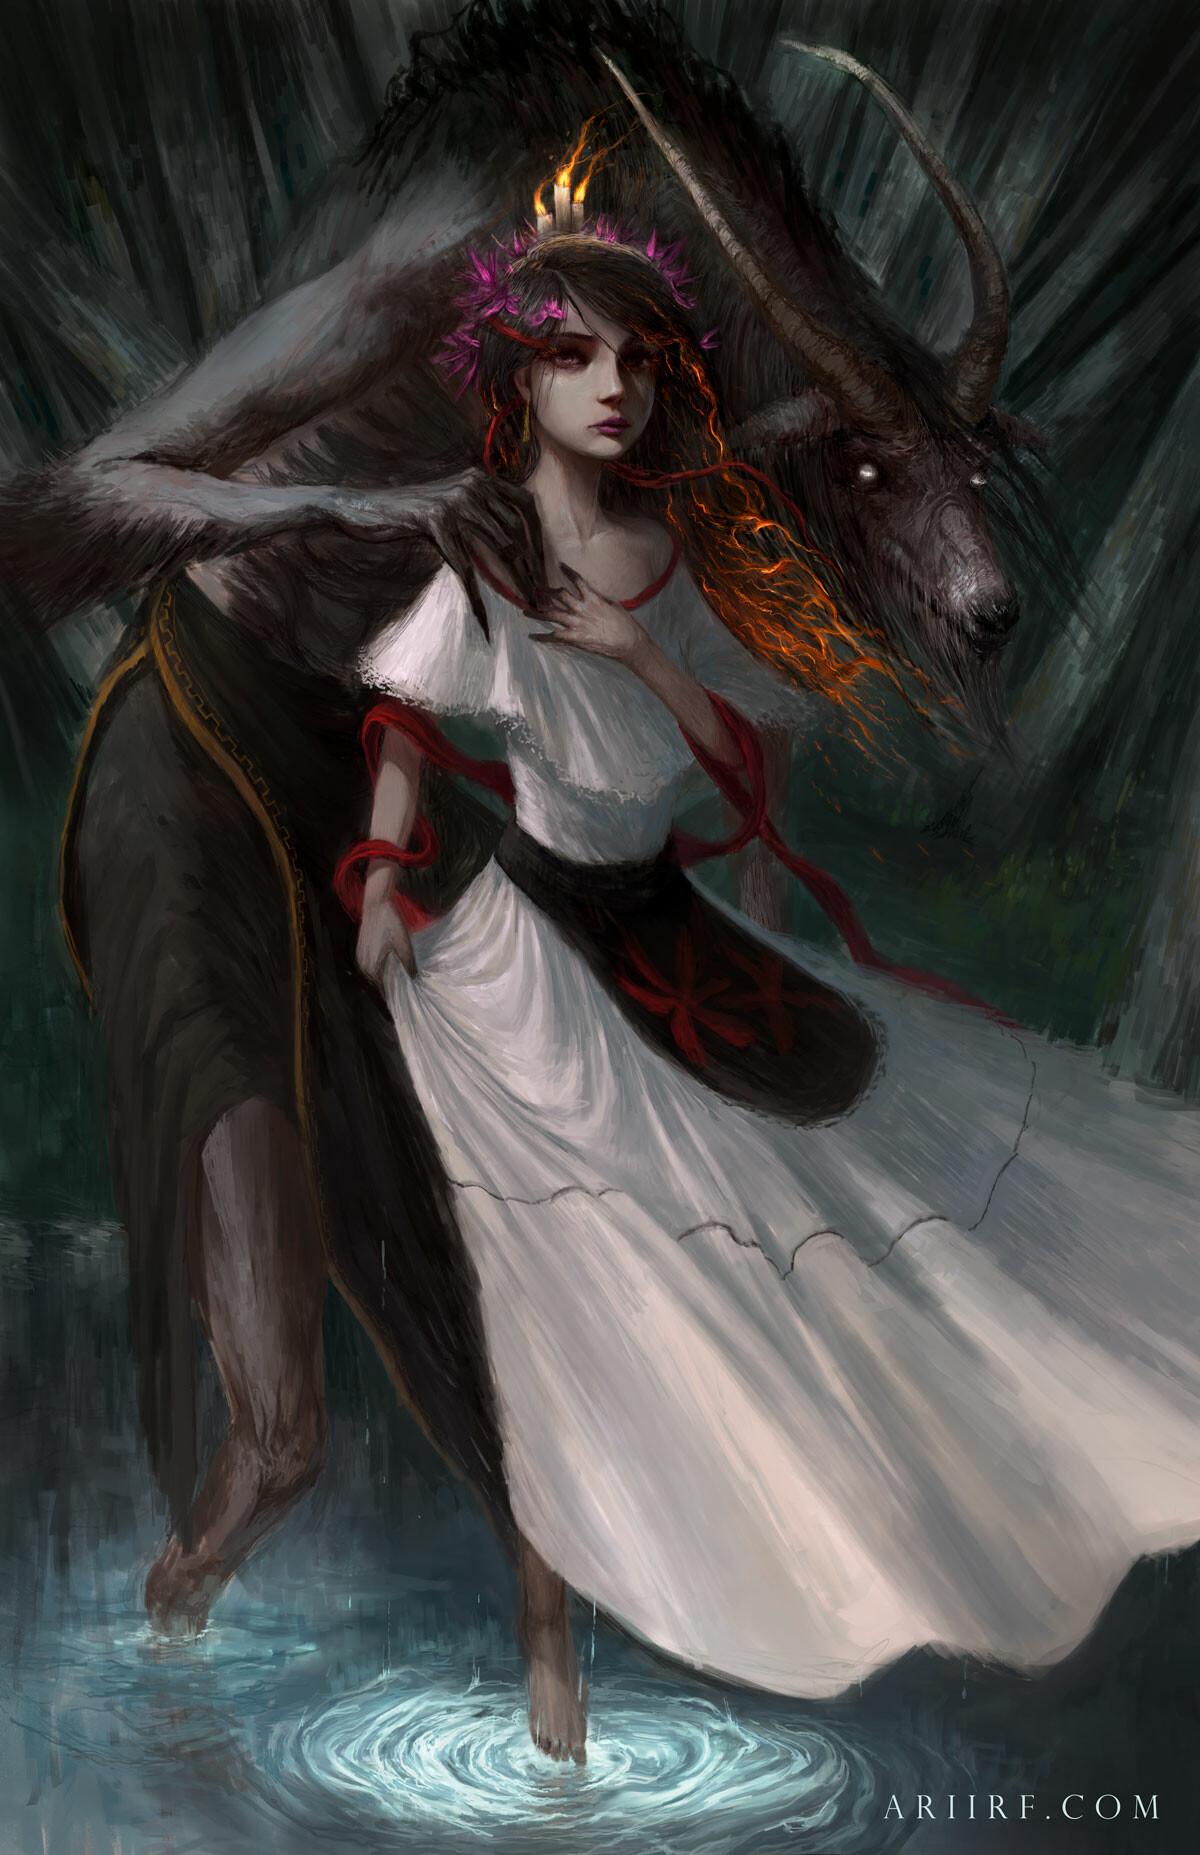 La bruja y Huay chivo